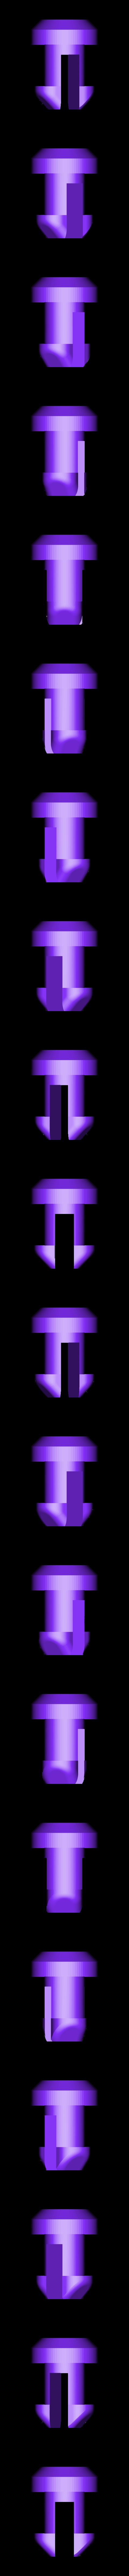 screw.stl Télécharger fichier STL gratuit Moraillon de style classique pour boîtes • Design pour imprimante 3D, raffosan